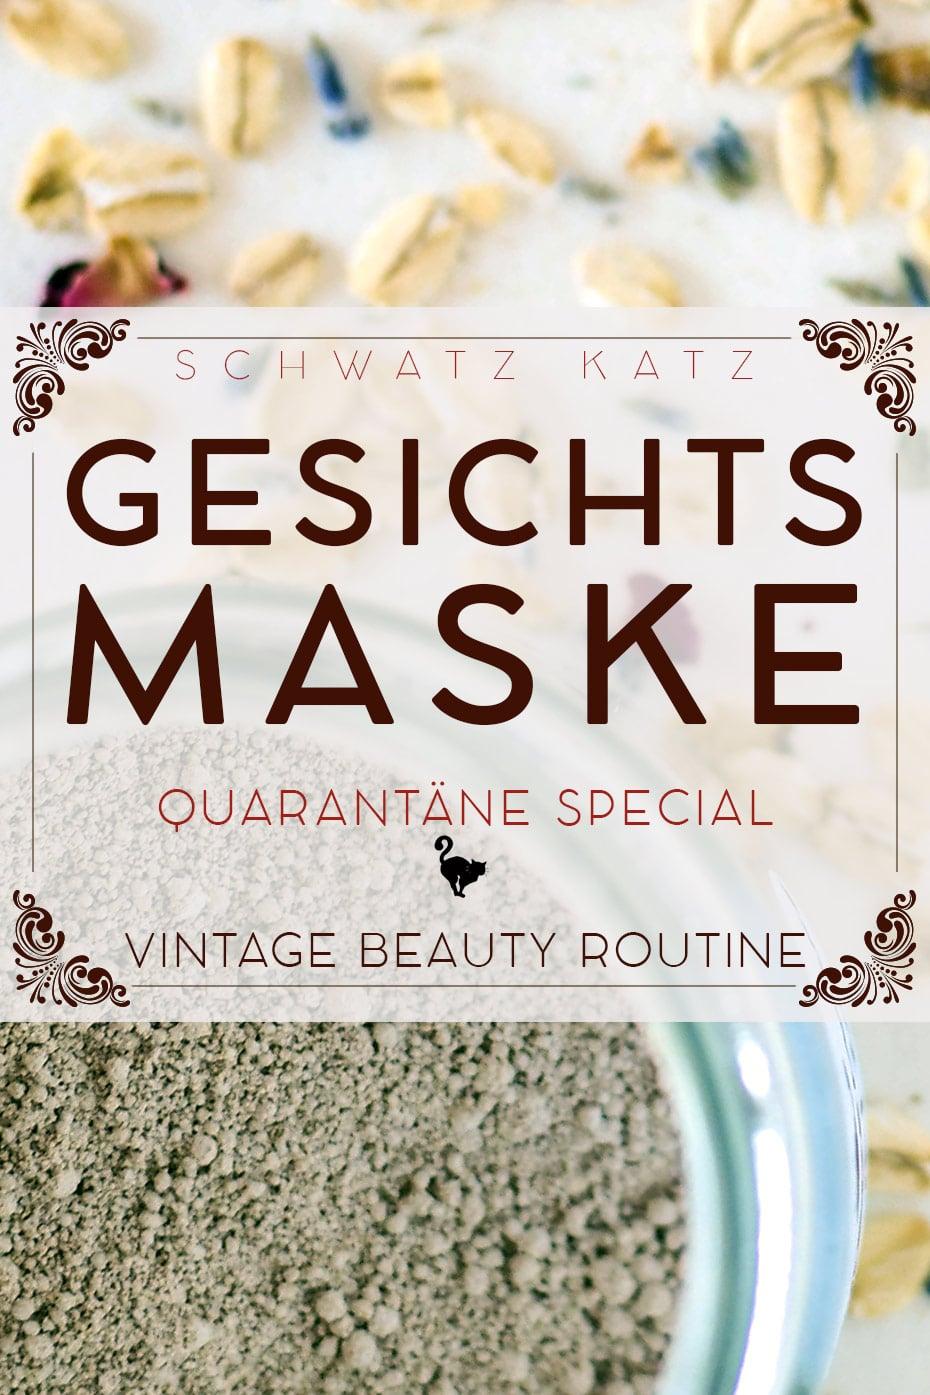 Quarantäne Special: Gesichtsmaske zusammenstellen | Schwatz Katz